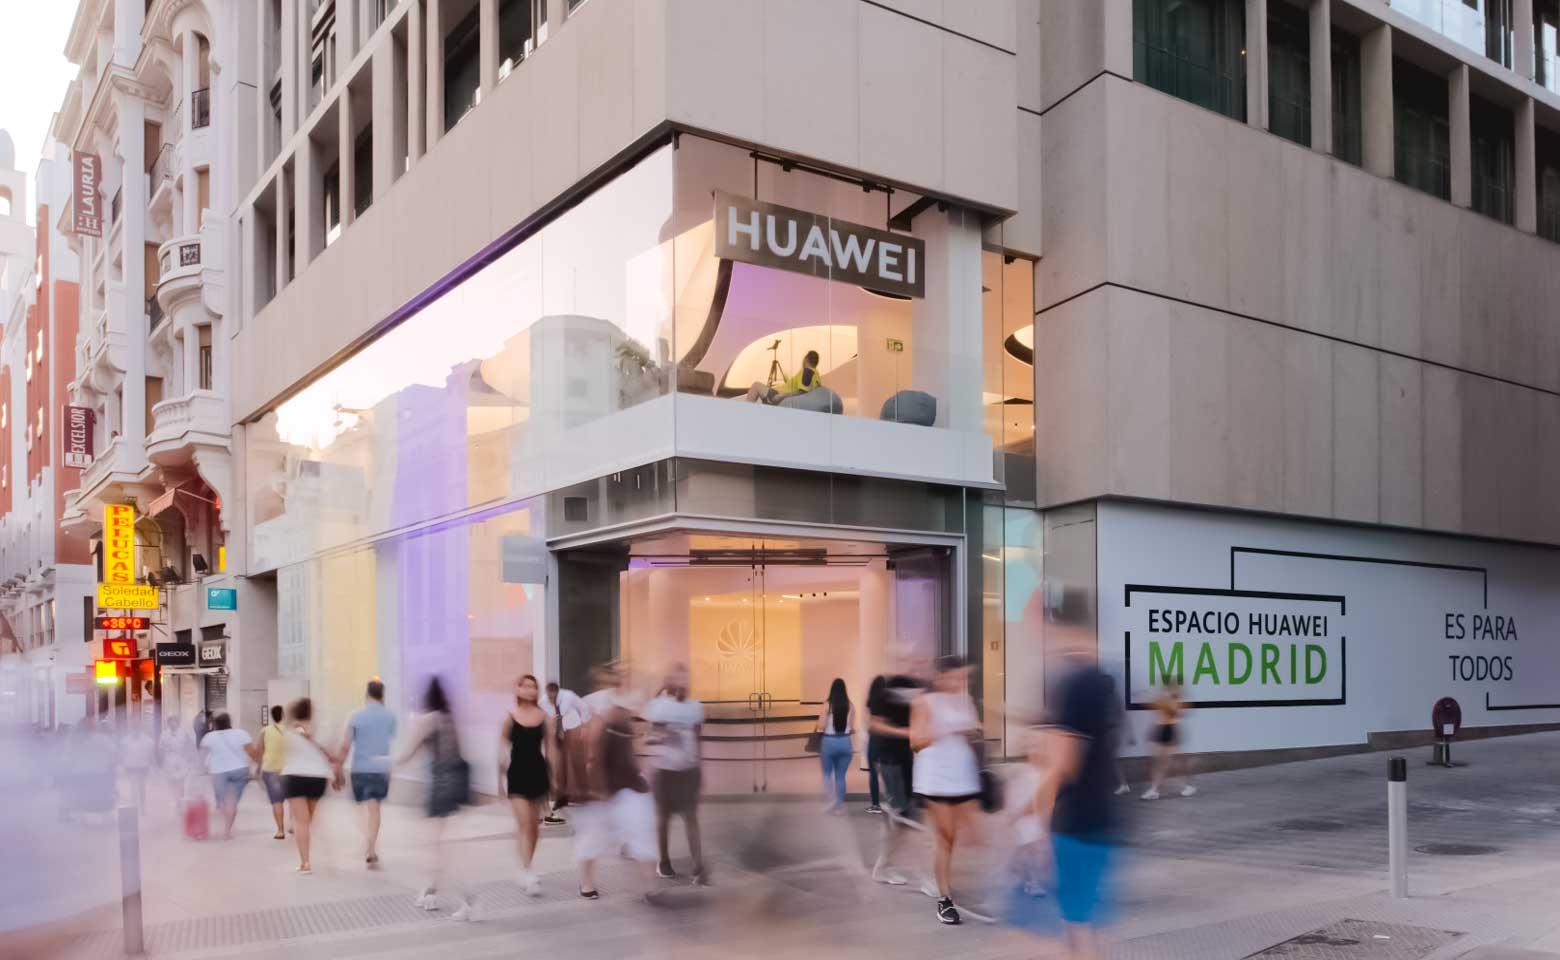 Nuevo-espacio Huawei-Gran-Vía-Madrid-fachada